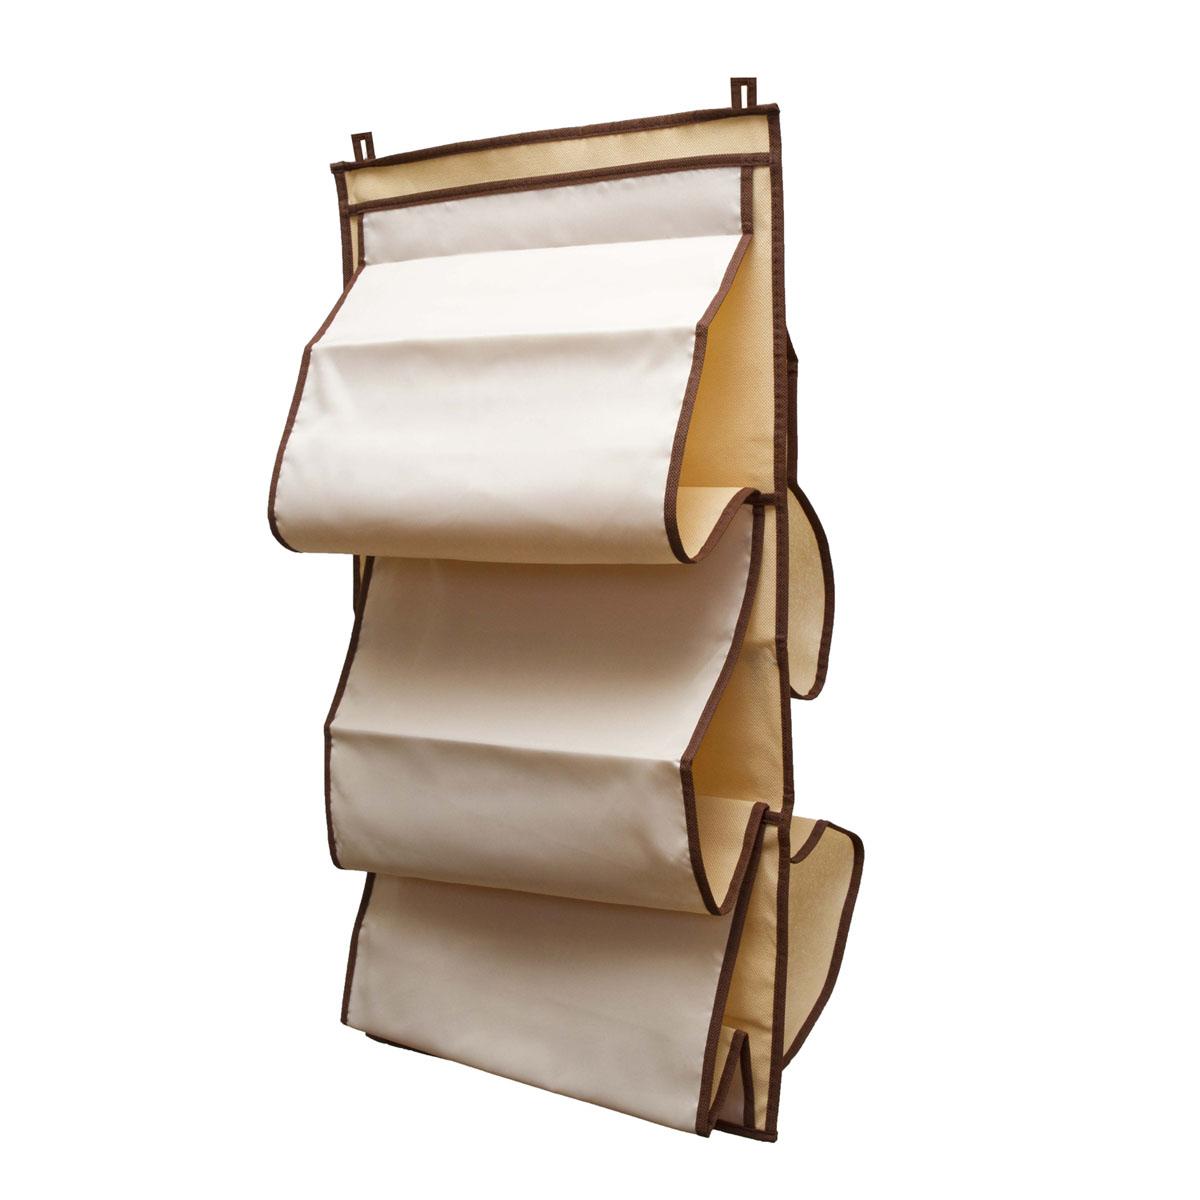 Органайзер для сумок Homsu Bora-Bora, 40 х 70 смHOM-24Подвесной двусторонний органайзер с 5 раздельными ячейками шириной 40см очень удобен для хранения вещей в вашем шкафу. Идеально для сумок, клатчей и других вещей ежедневного пользования. Фактический цвет может отличаться от заявленного.